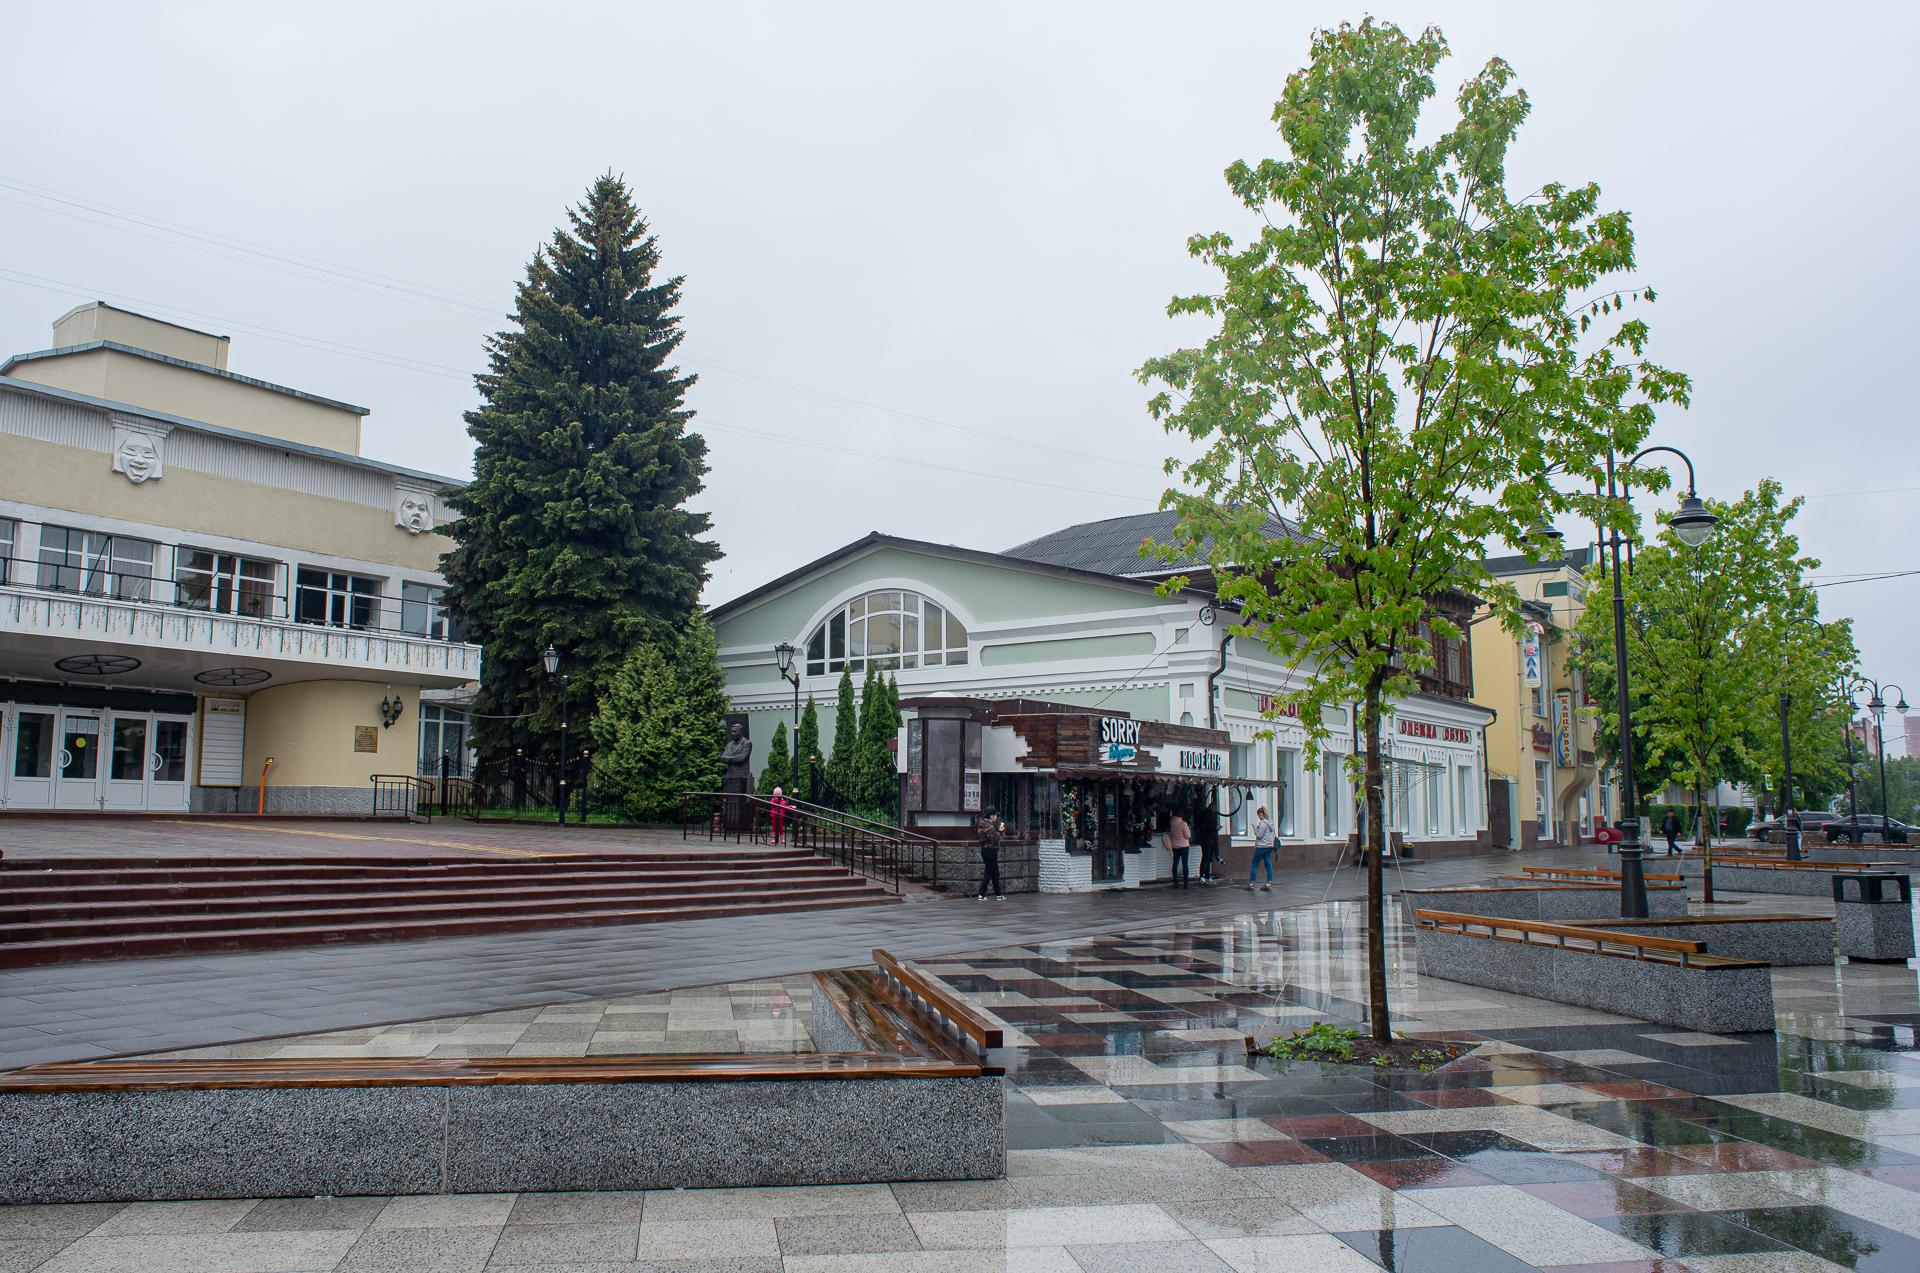 Ногинск, Московский областной театр драмы и комедии